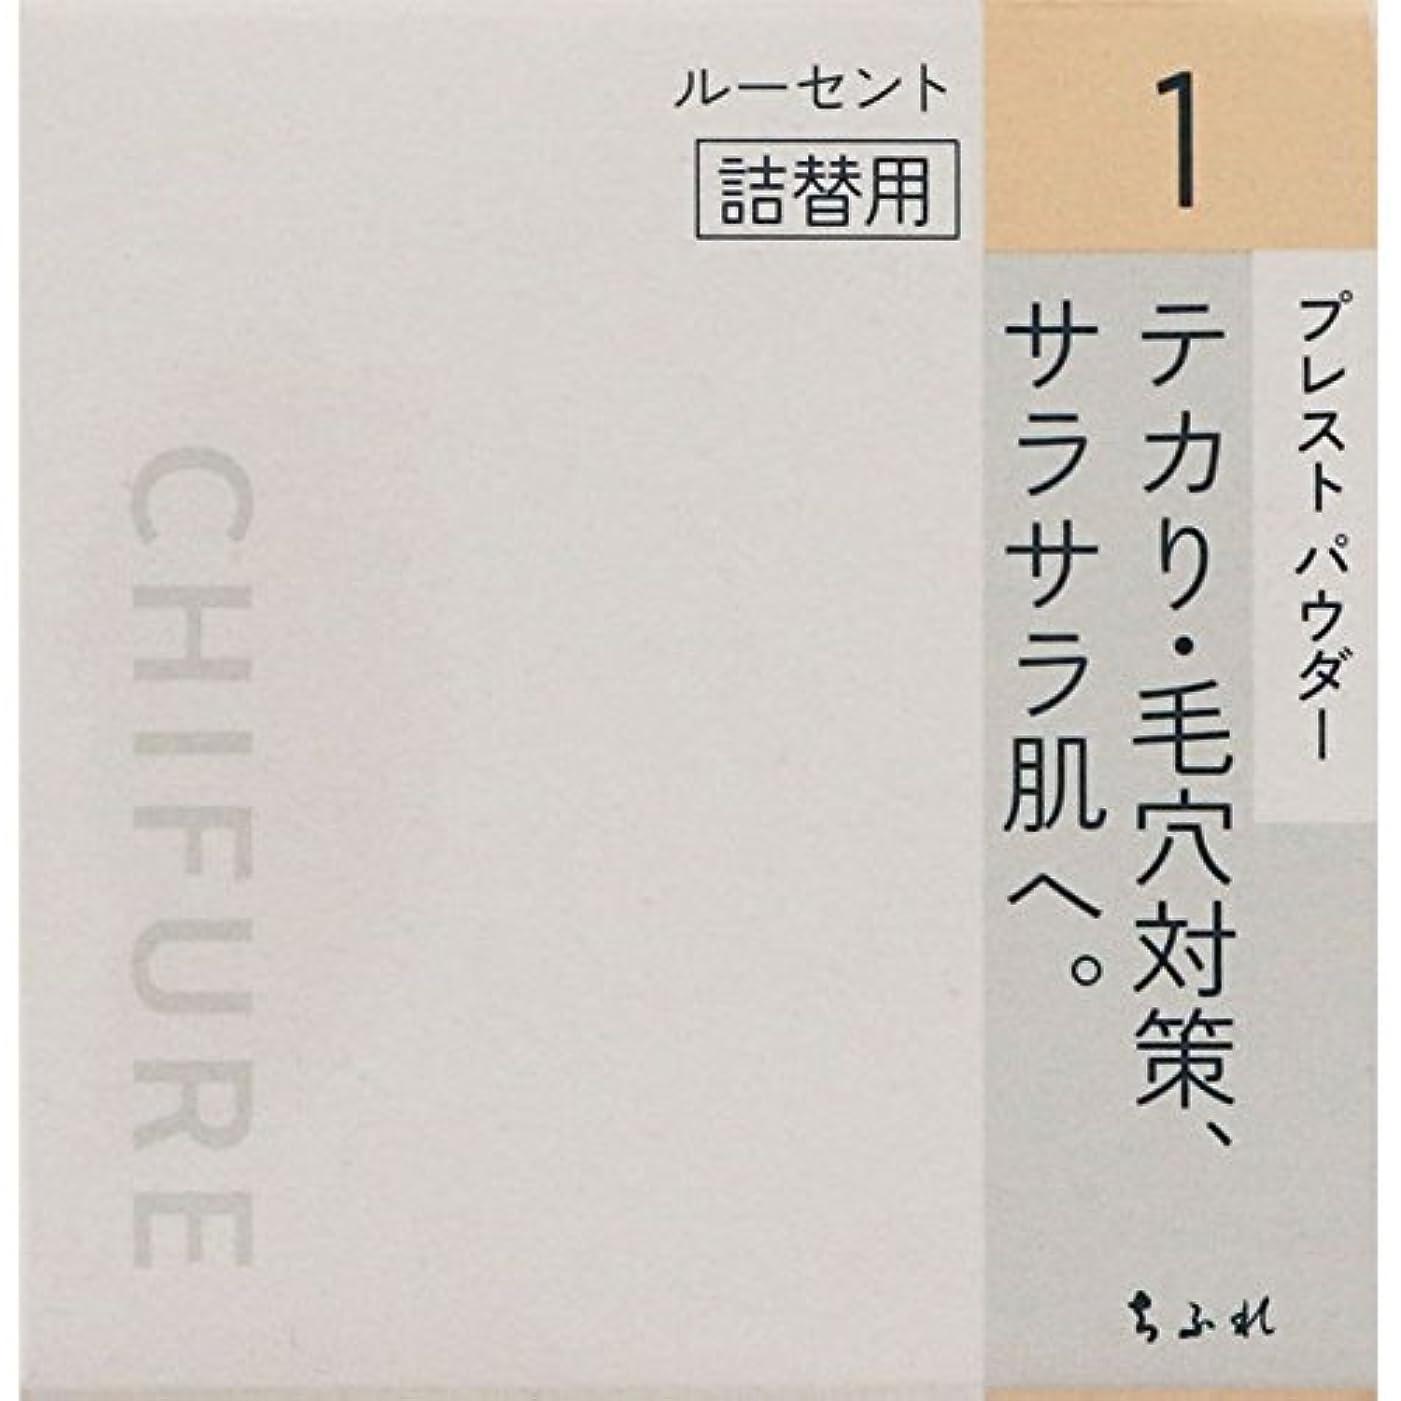 マチュピチュサーフィン処理ちふれ化粧品 ちふれ プレストパウダーS詰替用 1 PパウダーS詰替用1